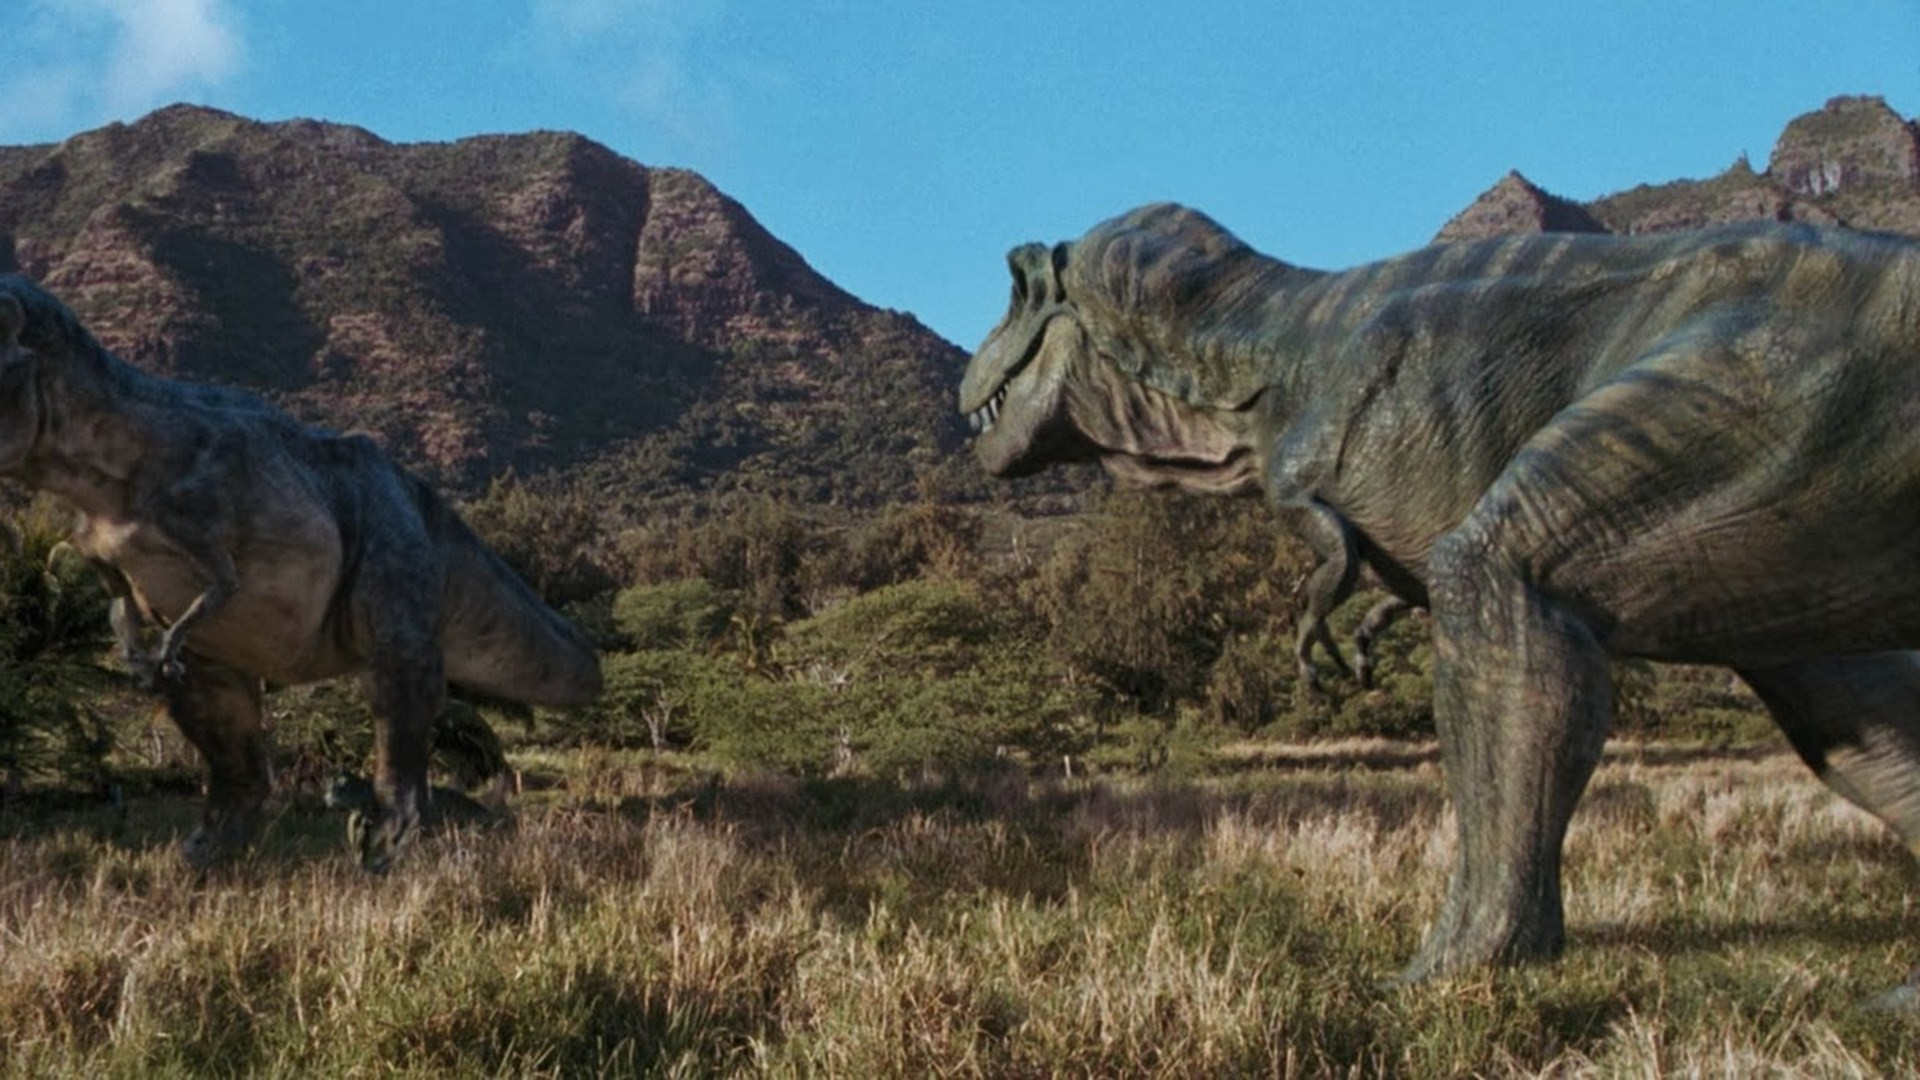 Jurassic World Velociraptor Wallpaper (82+ Images